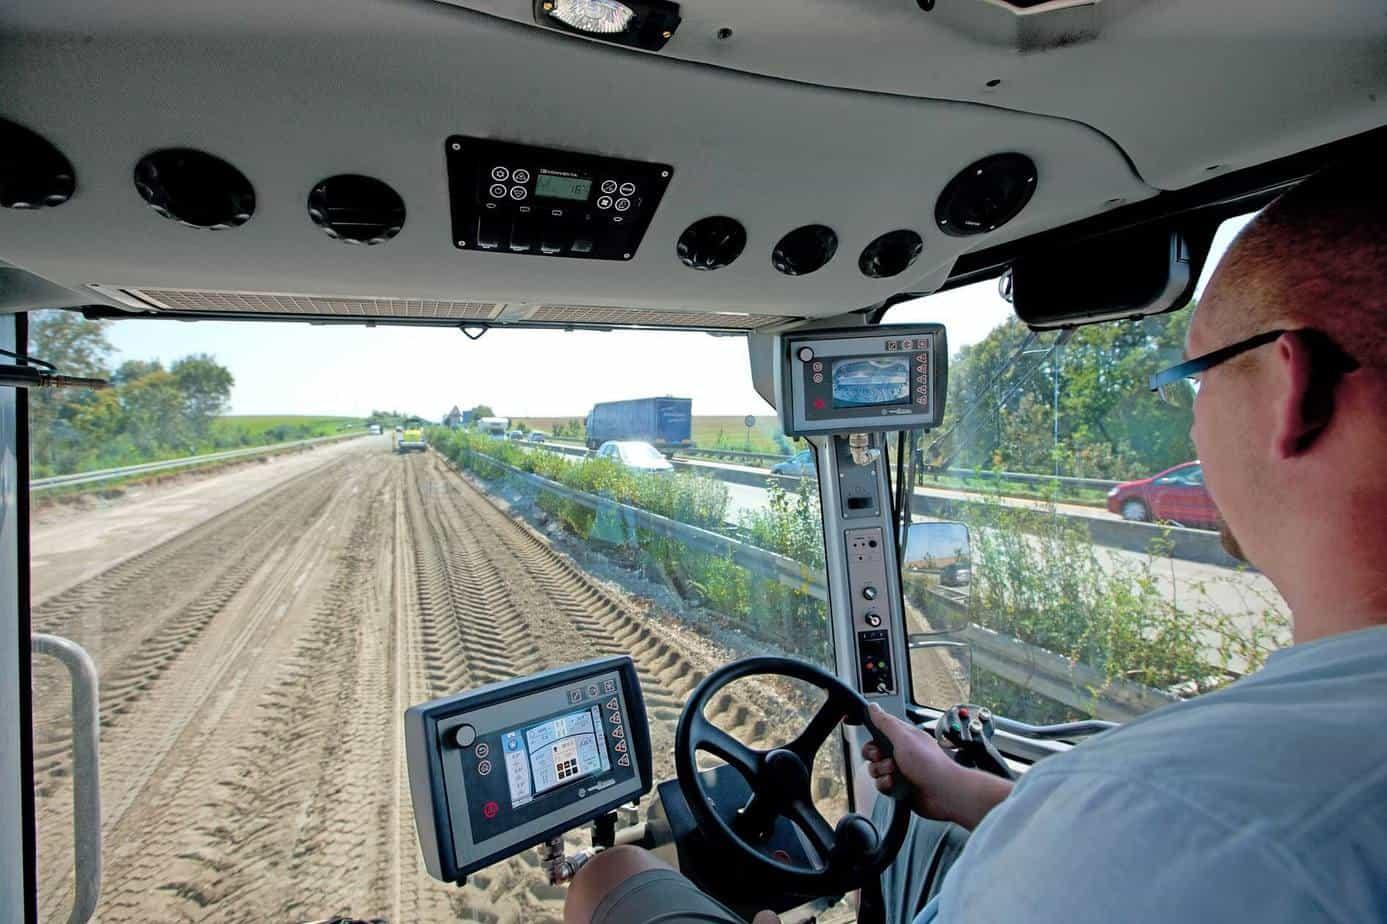 Le immagini riprese sono visualizzate sul display di controllo in automatico insieme alle linee di riferimento dell'assistente di retromarcia